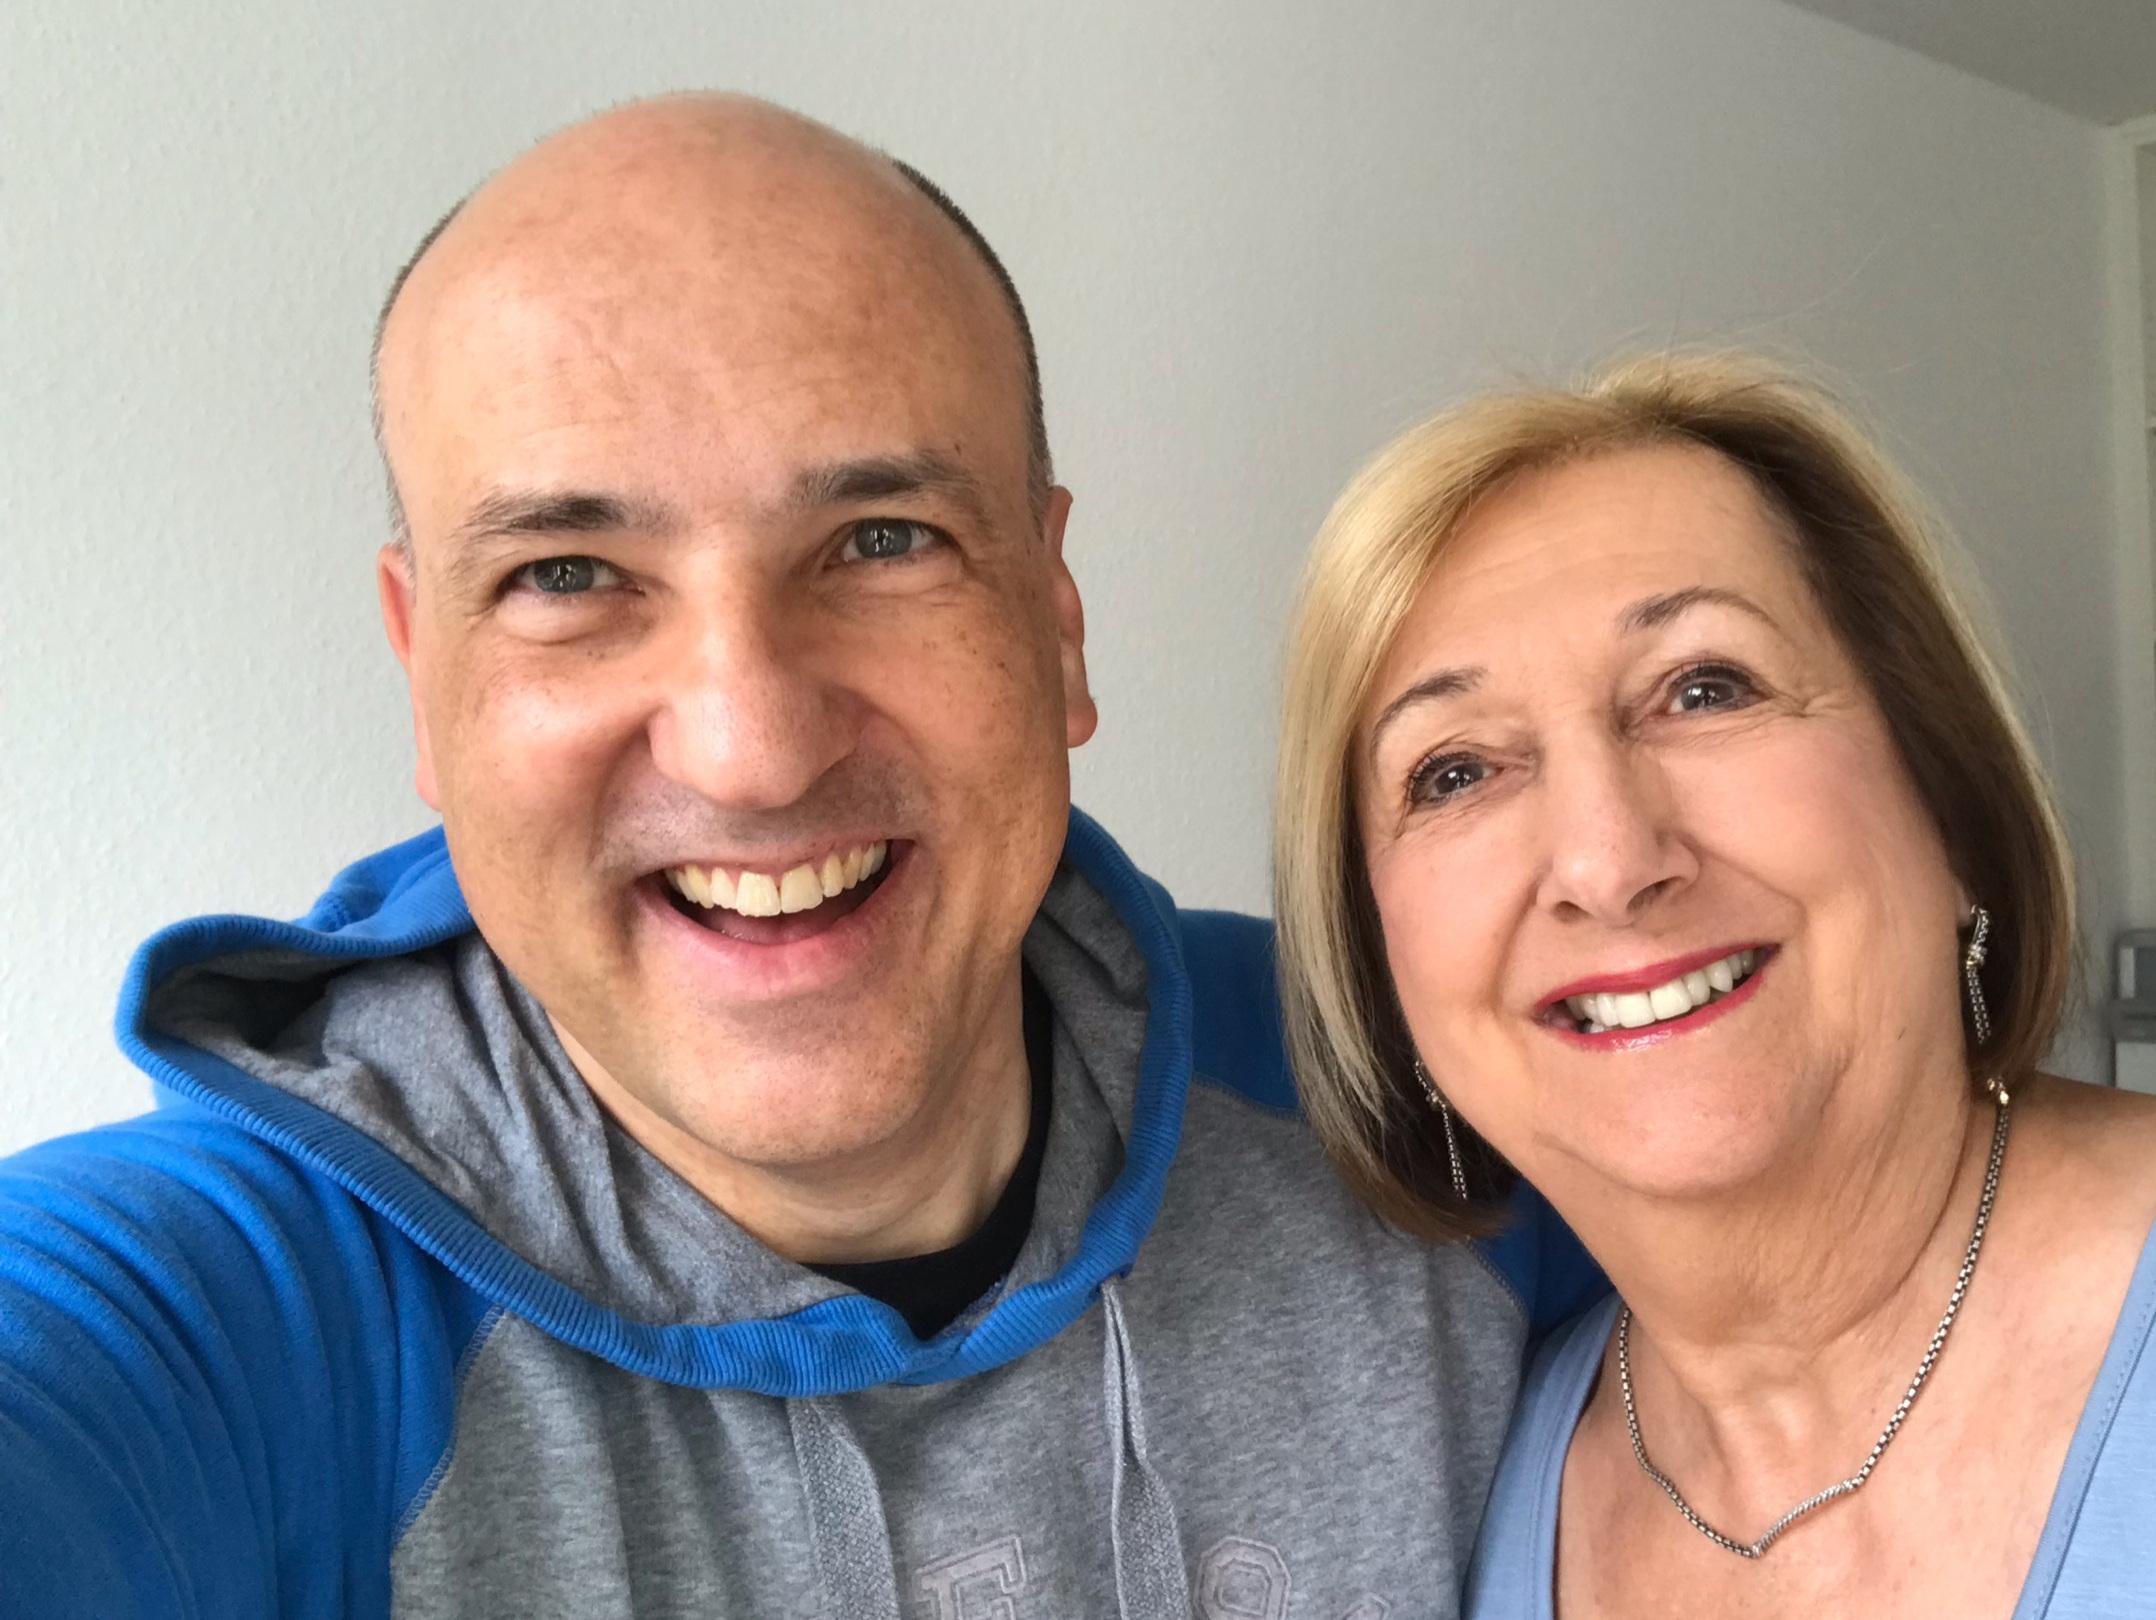 Gemeinsames Foto mit meiner Mentorin Kathy Corey